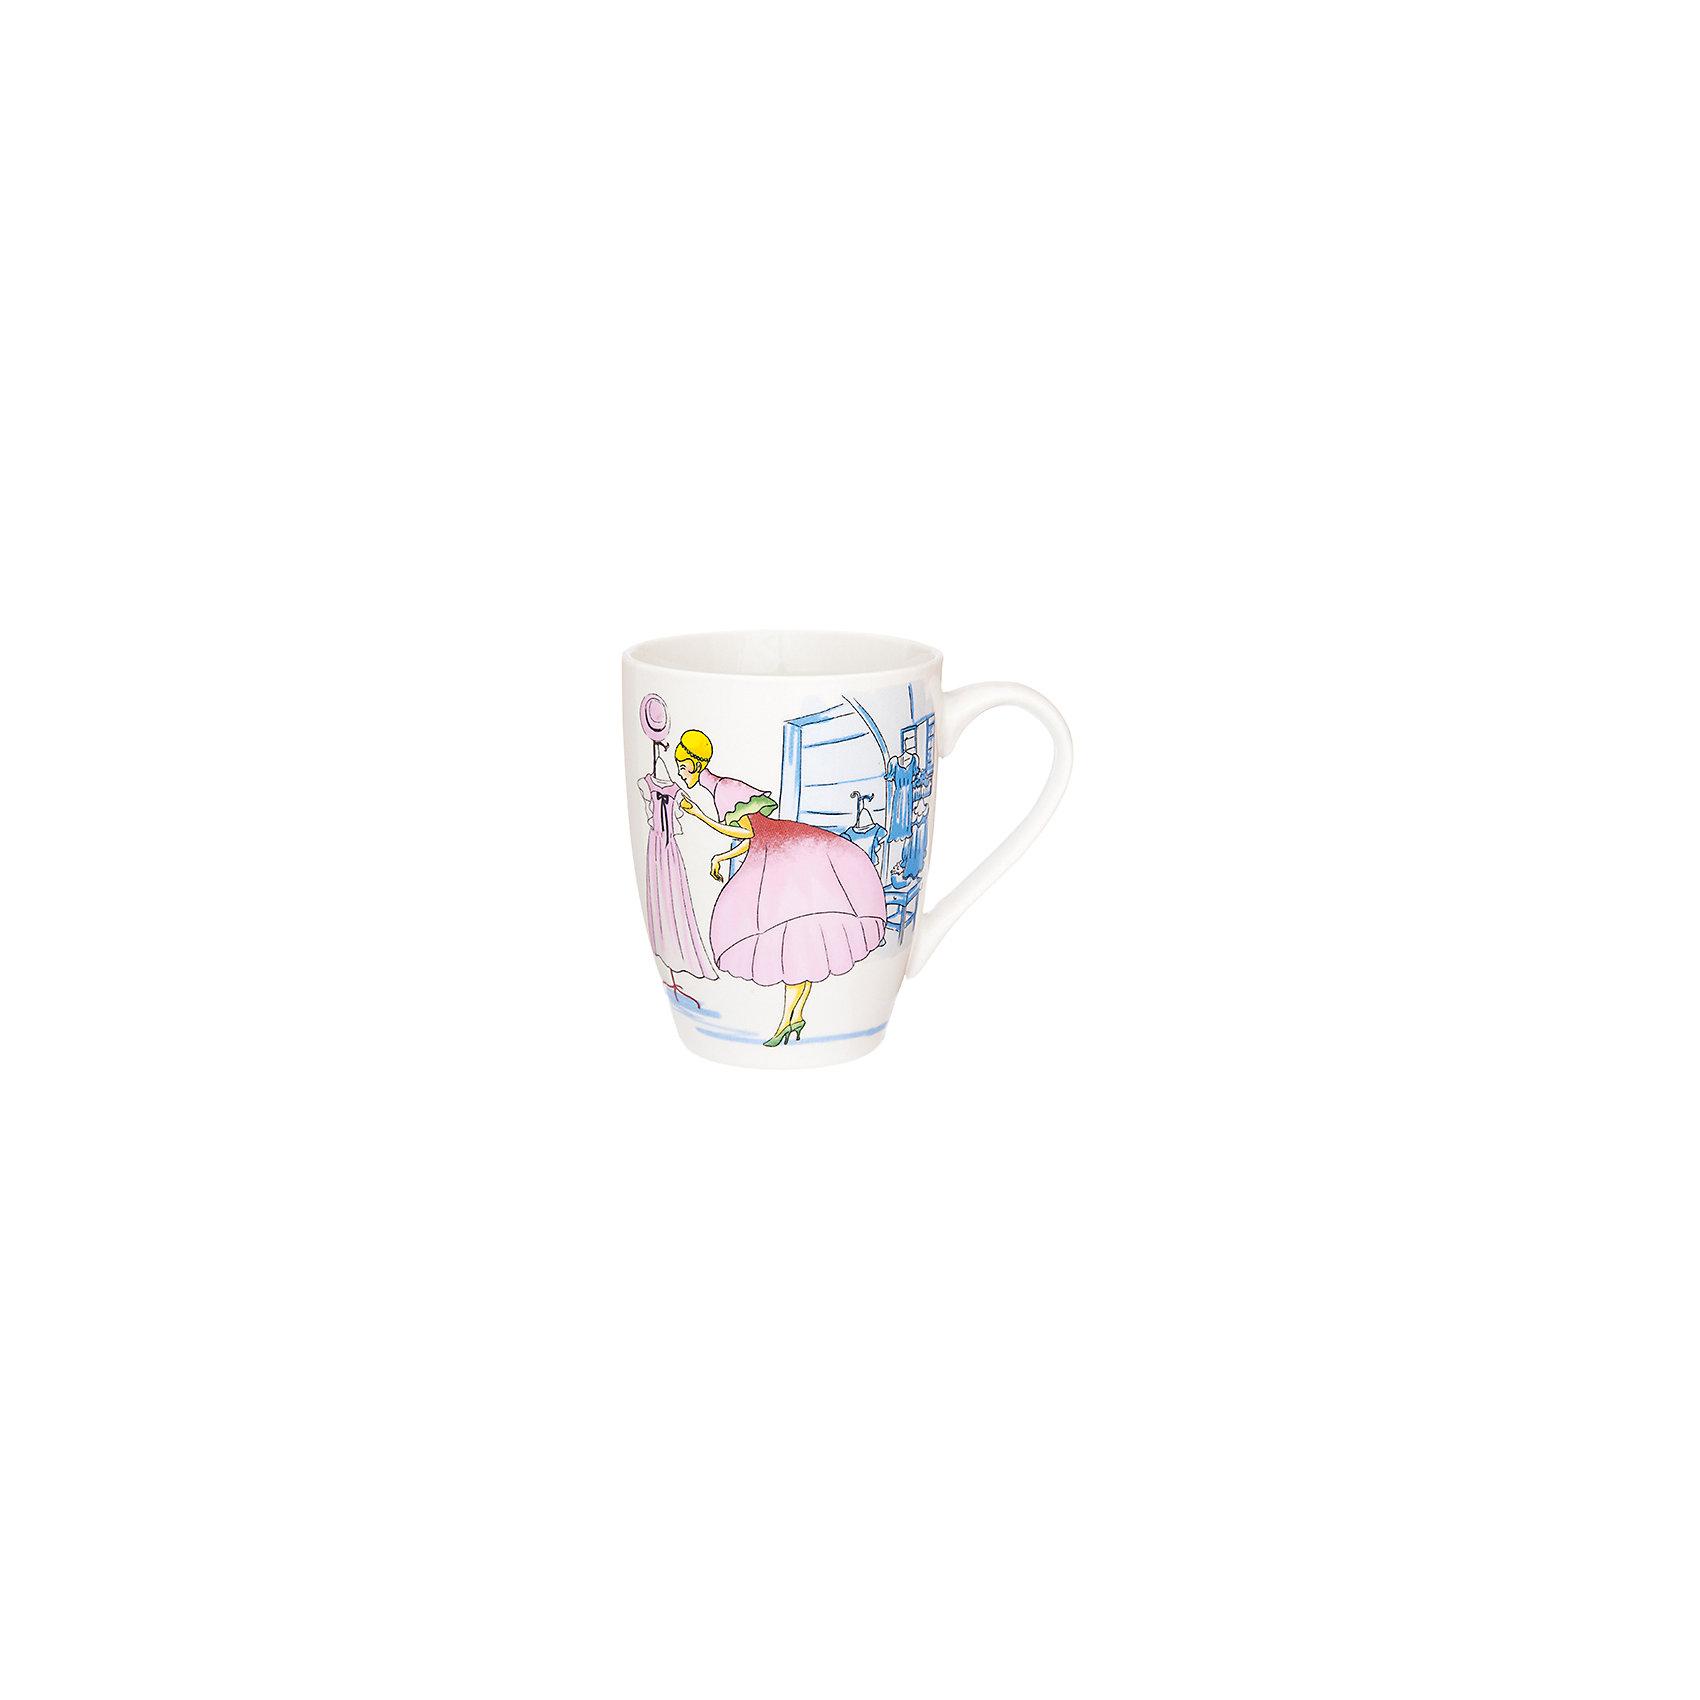 Кружка 370 мл Модница розовая, Elan GalleryПосуда<br>Кружка 370 мл  Elan Gallery 11,5*8*10 см. Модница розовая, Elan Gallery Кружка классической формы объемом 370 мл с удобной ручкой. Подходят для любых горячих и холодных напитков, чая, кофе, какао. Изделие имеет подарочную упаковку, поэтому станет желанным подарком для Ваших близких! Не рекомендуется применять абразивные моющие средства.<br><br>Ширина мм: 103<br>Глубина мм: 86<br>Высота мм: 107<br>Вес г: 267<br>Возраст от месяцев: 0<br>Возраст до месяцев: 1188<br>Пол: Унисекс<br>Возраст: Детский<br>SKU: 6668862